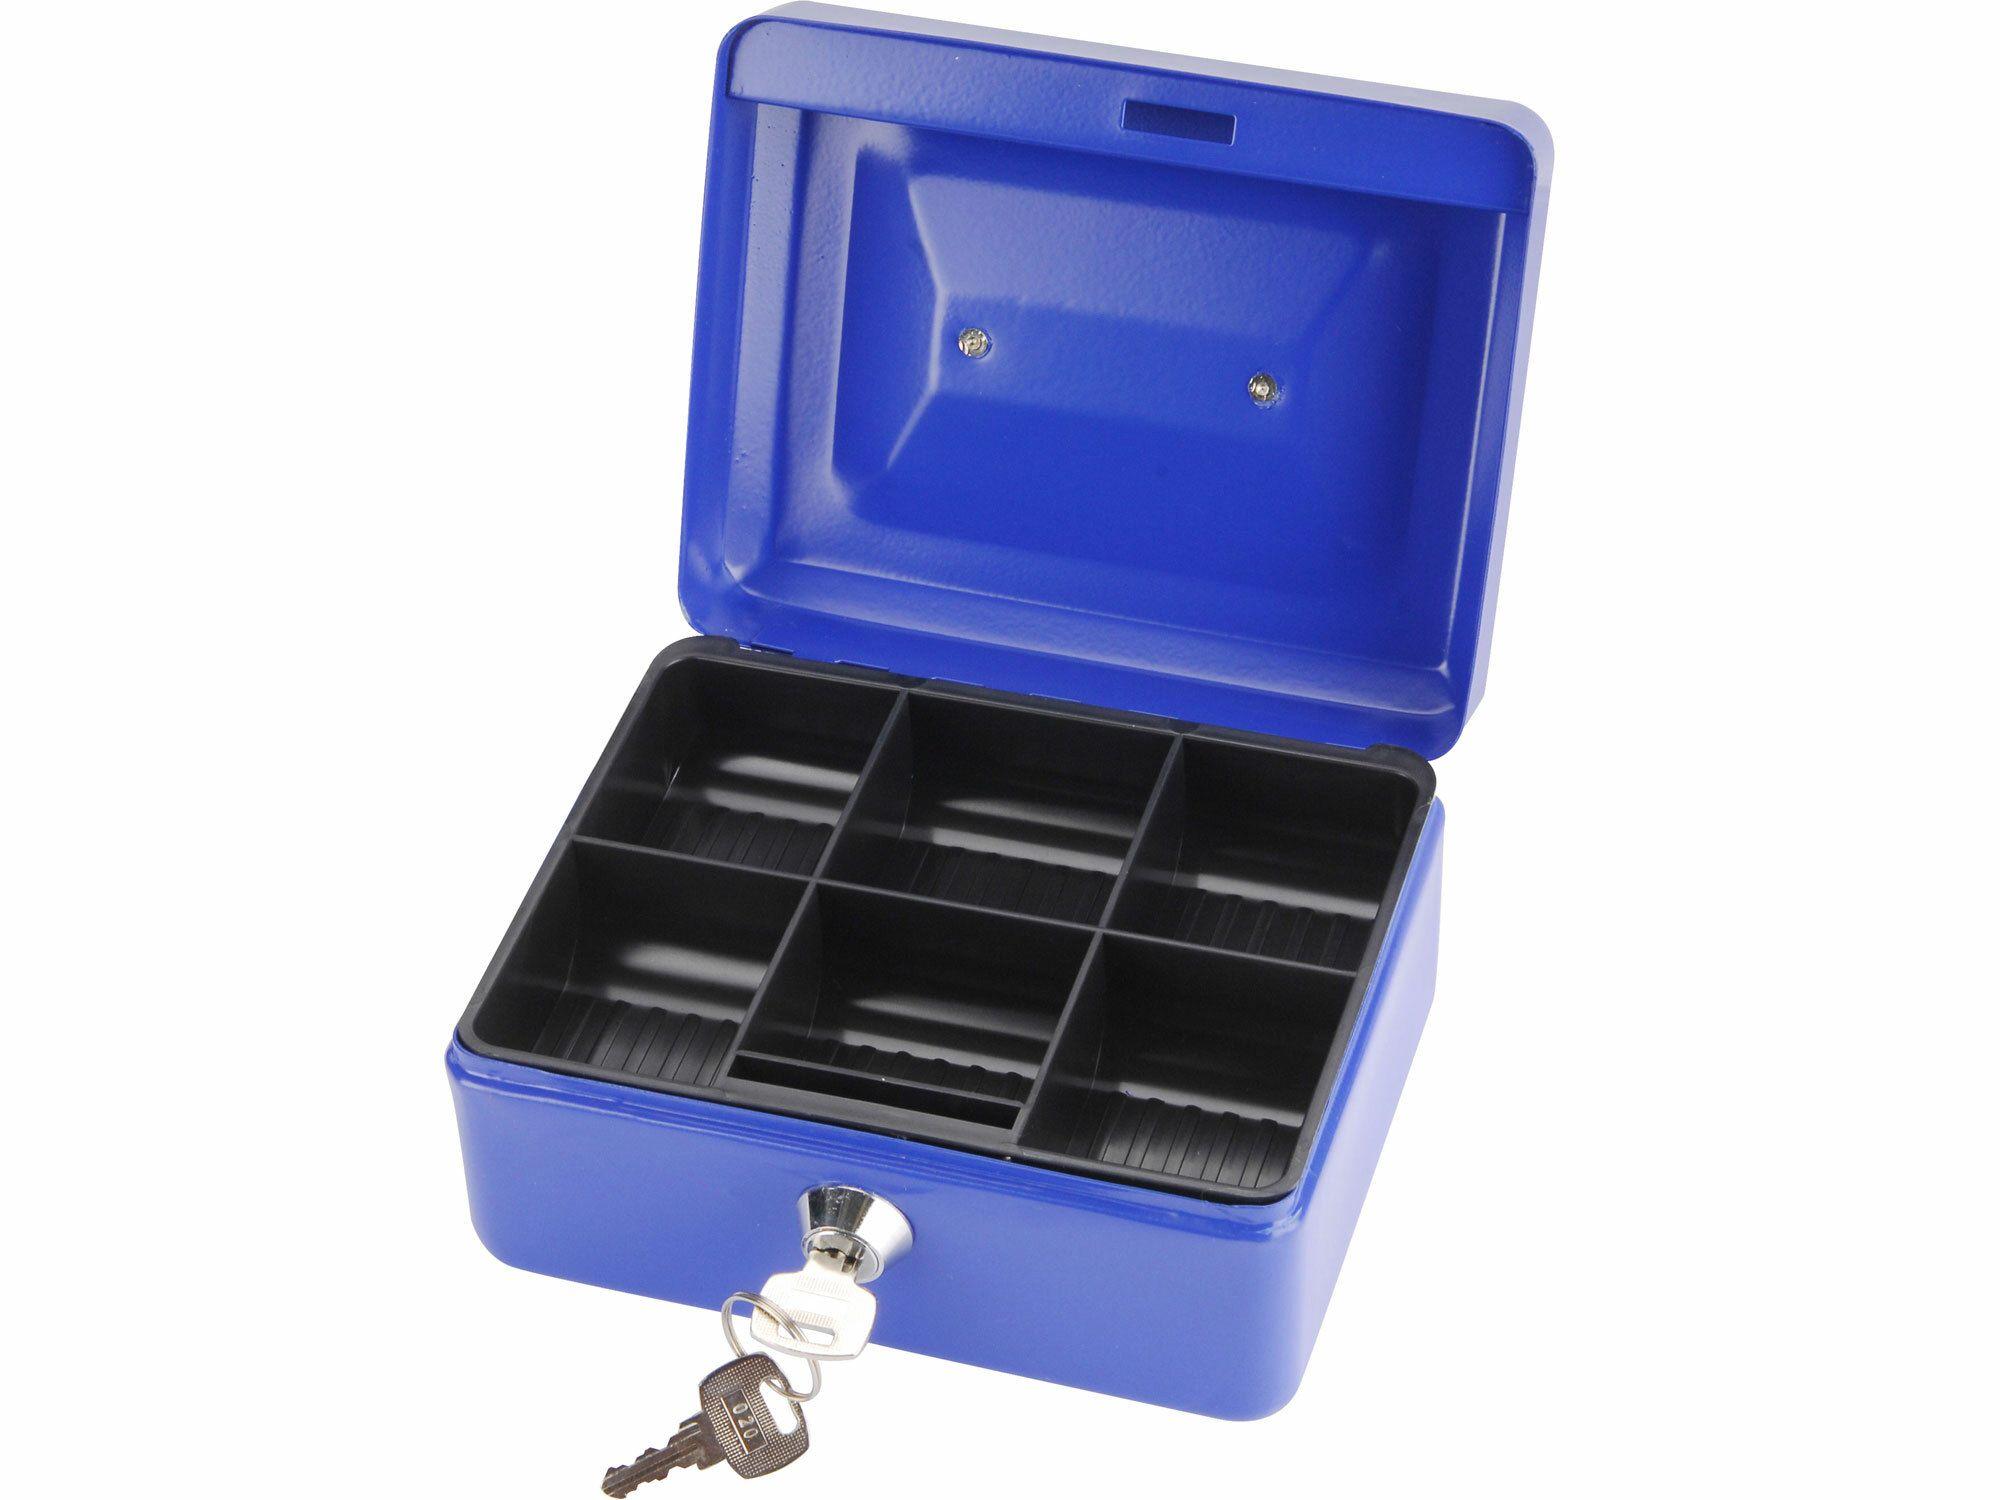 Schránka na peníze přenosná s pořadačem, 152x118x80mm, 2 klíče, EXTOL CRAFT